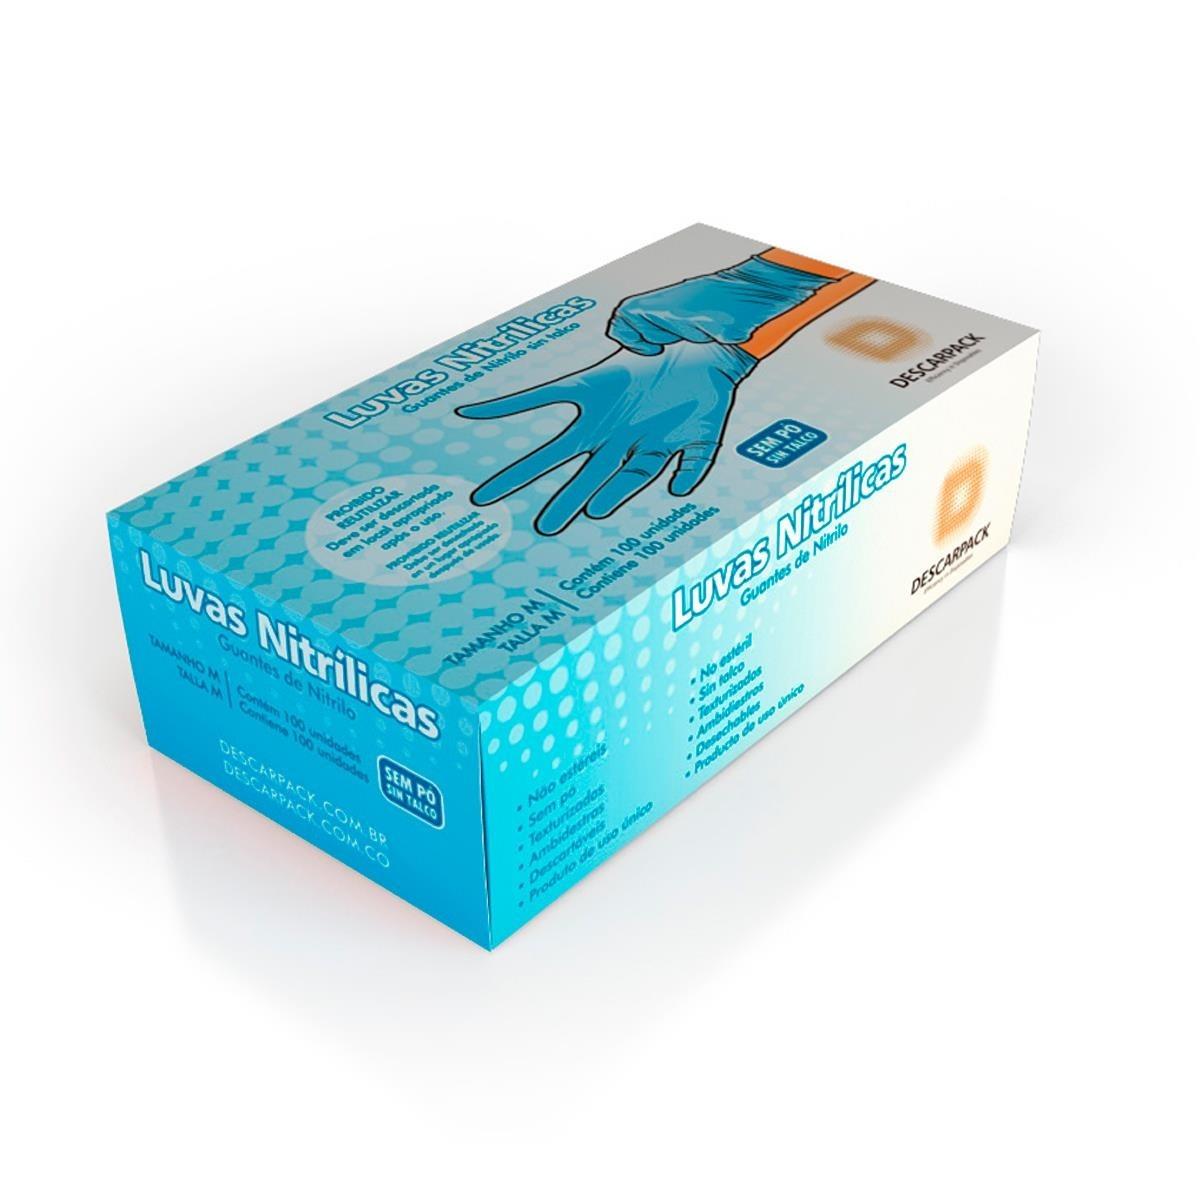 luva nitrilica azul s  talco tam p caixa com 10 - descarpack. Carregando  zoom. 07ec051bb9